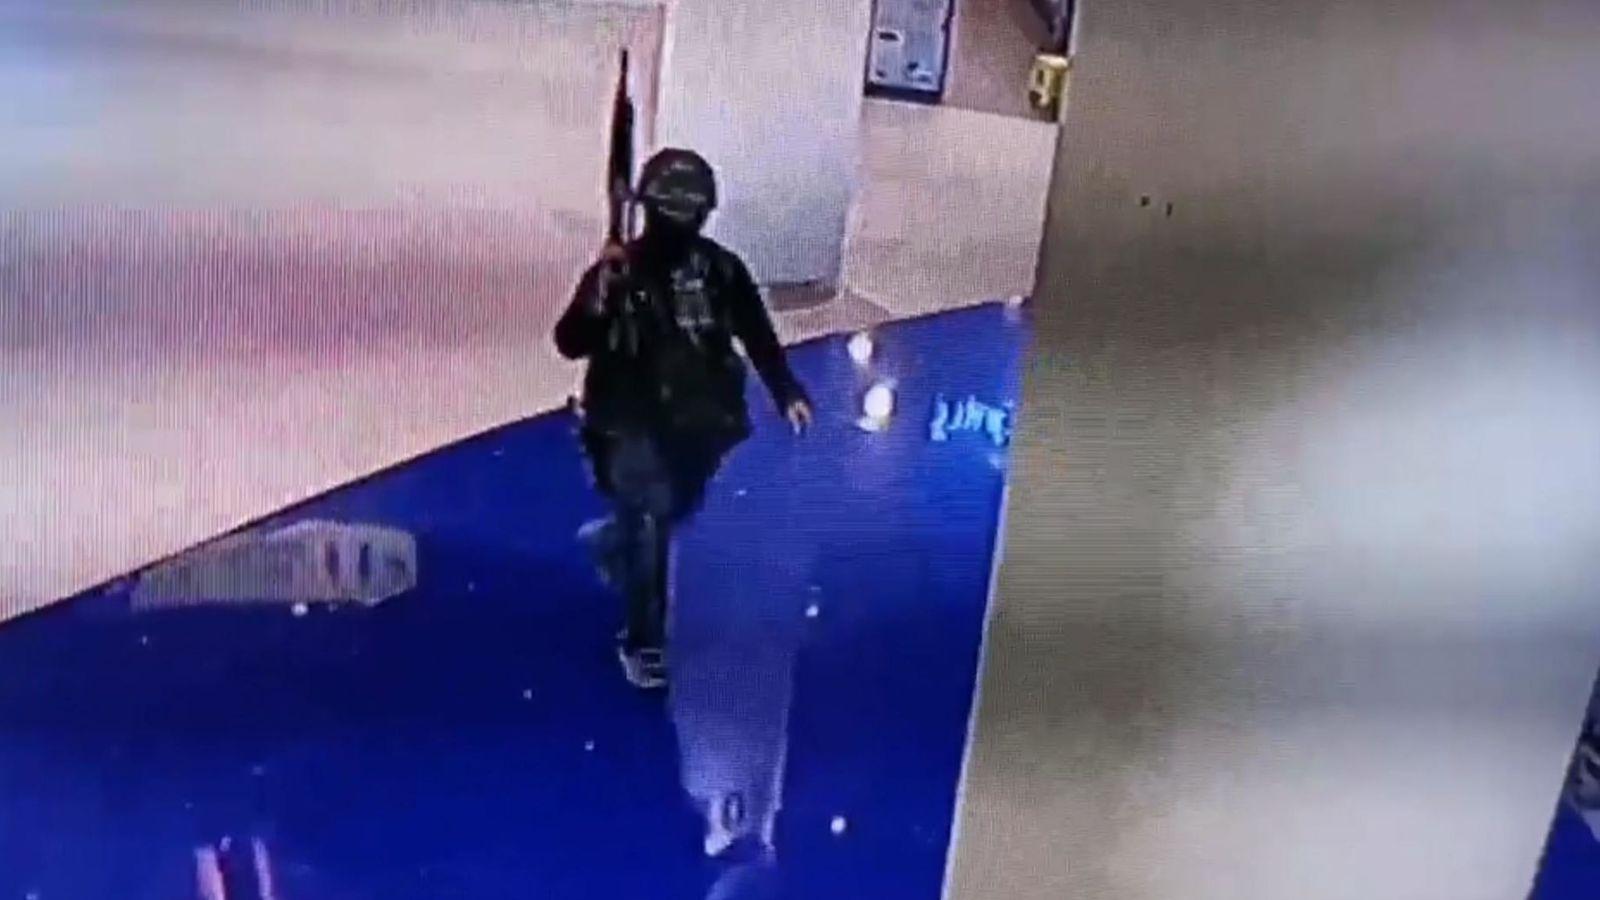 监控显示,当地时间8日下午6点,枪手闯入商场(《曼谷邮报》)